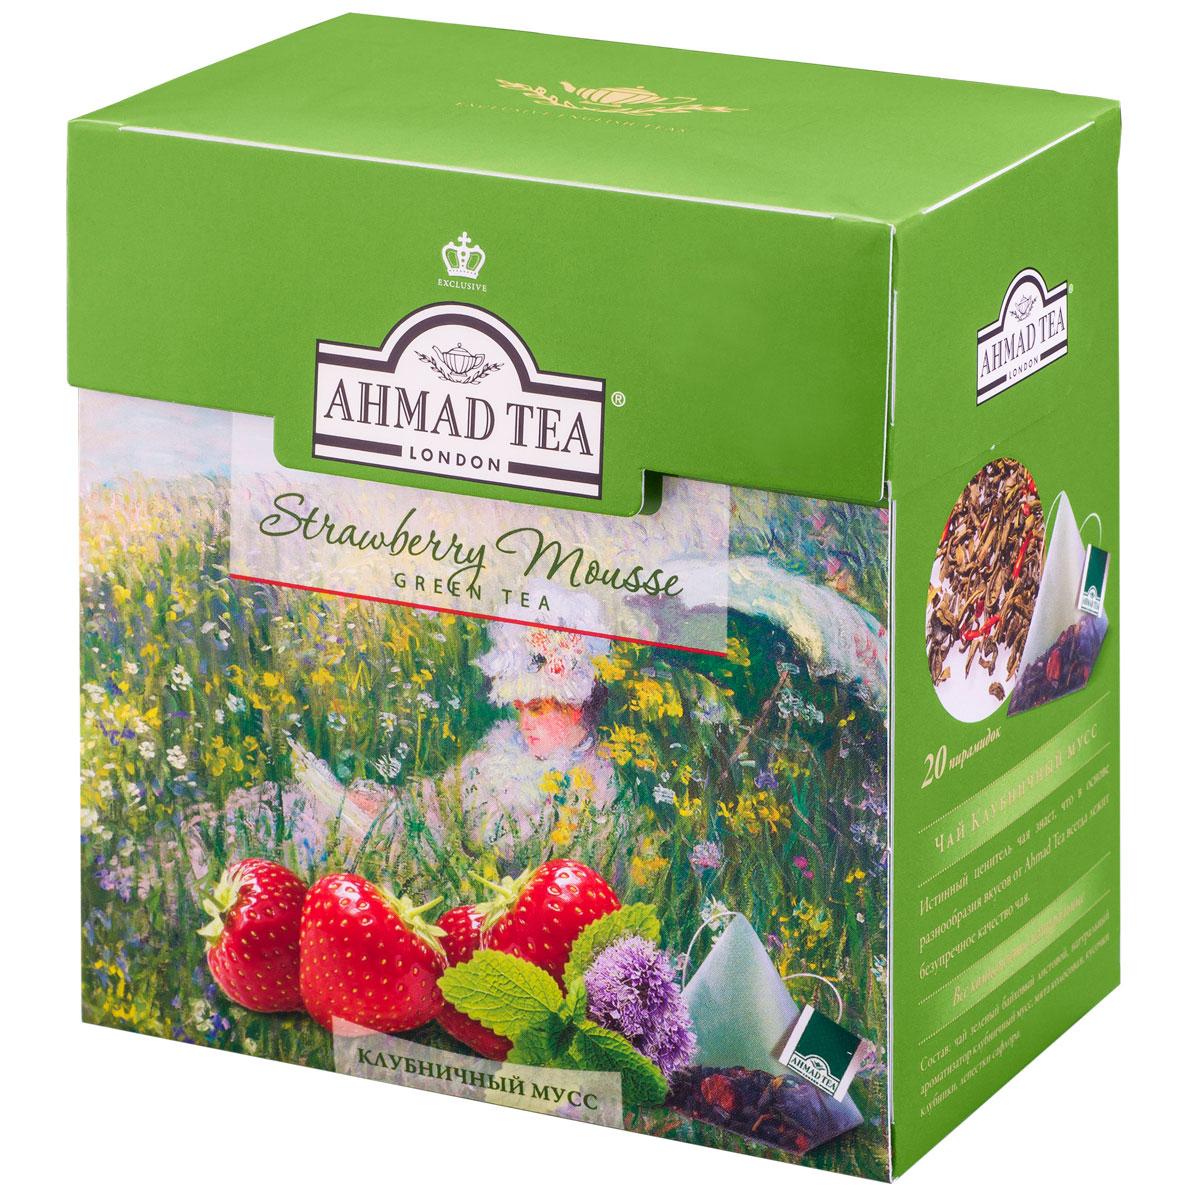 Ahmad Tea Strawberry Mousse зеленый чай в пирамидках, 20 шт lipton lemon melissa green tea зеленый чай в пирамидках с листочками лимонной мяты 20 шт